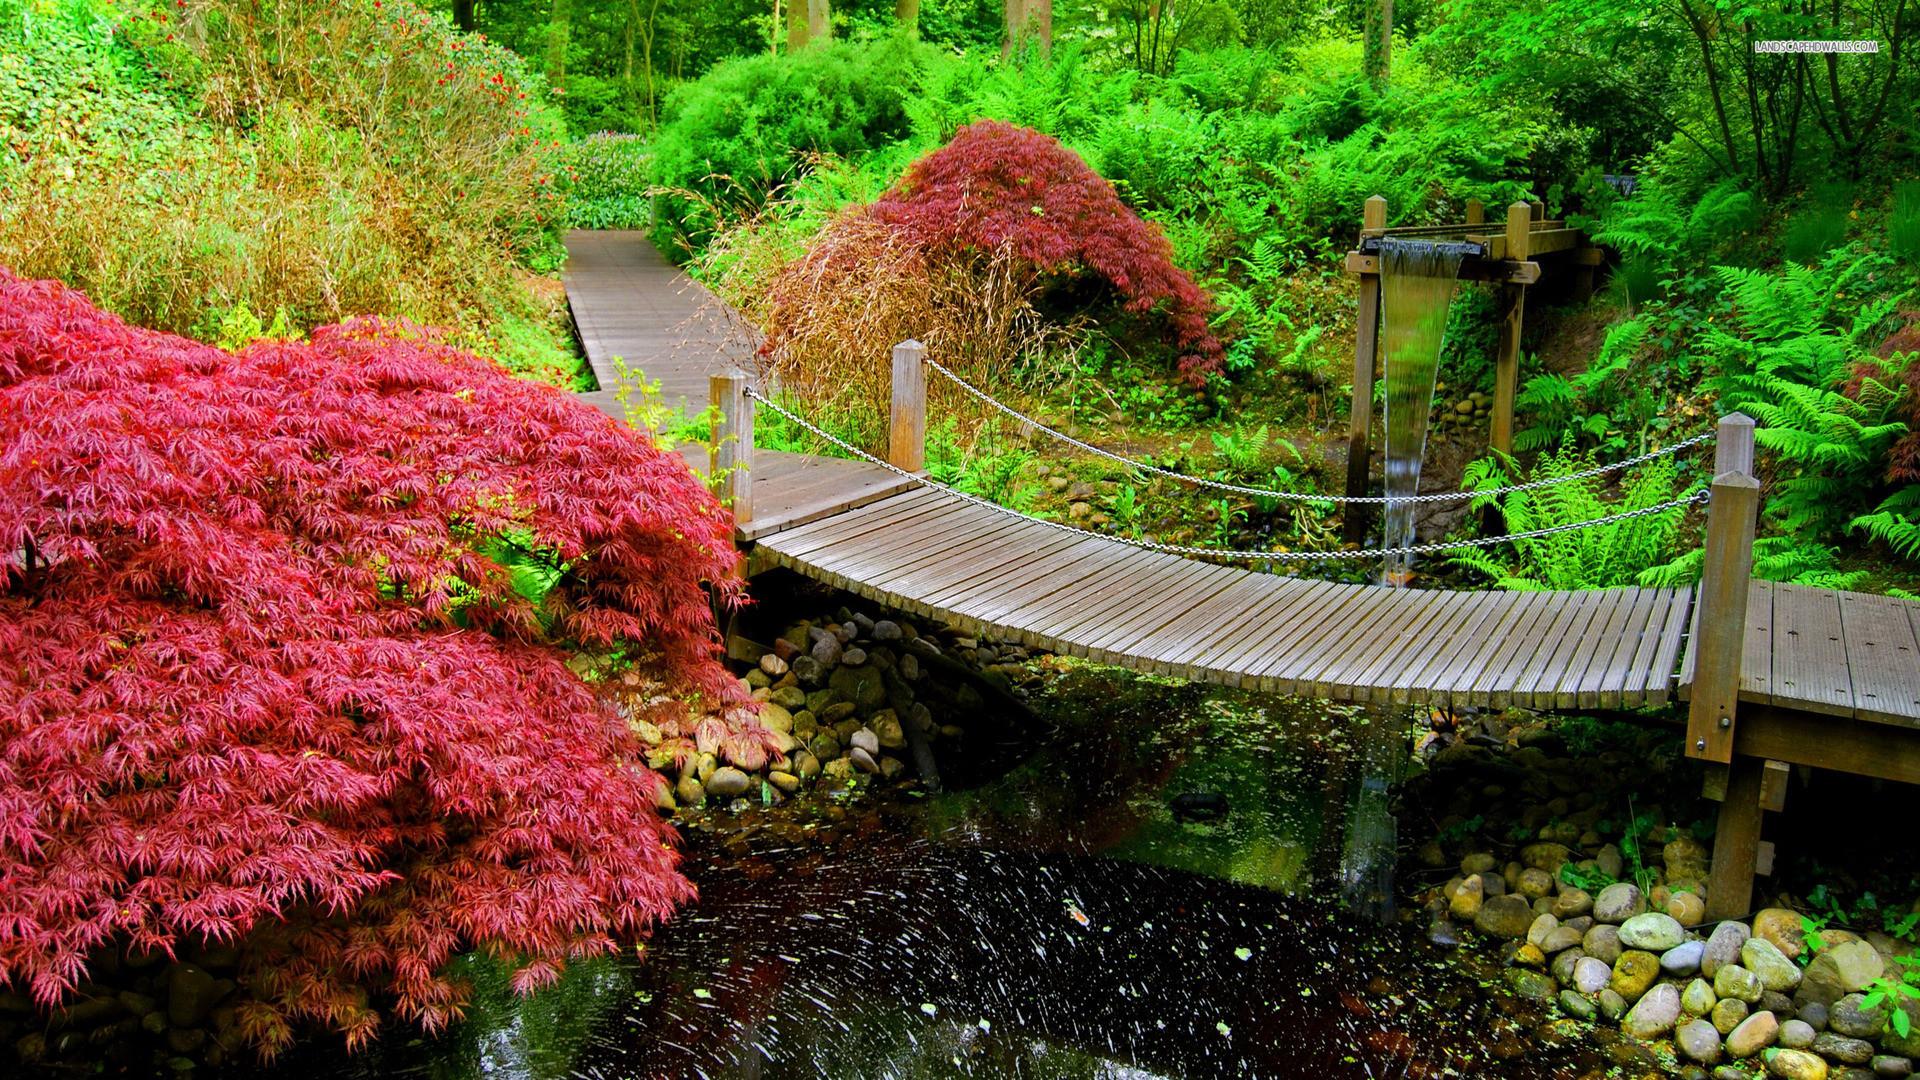 возведением пристройки изображение японского сада на картинке тоже молчит